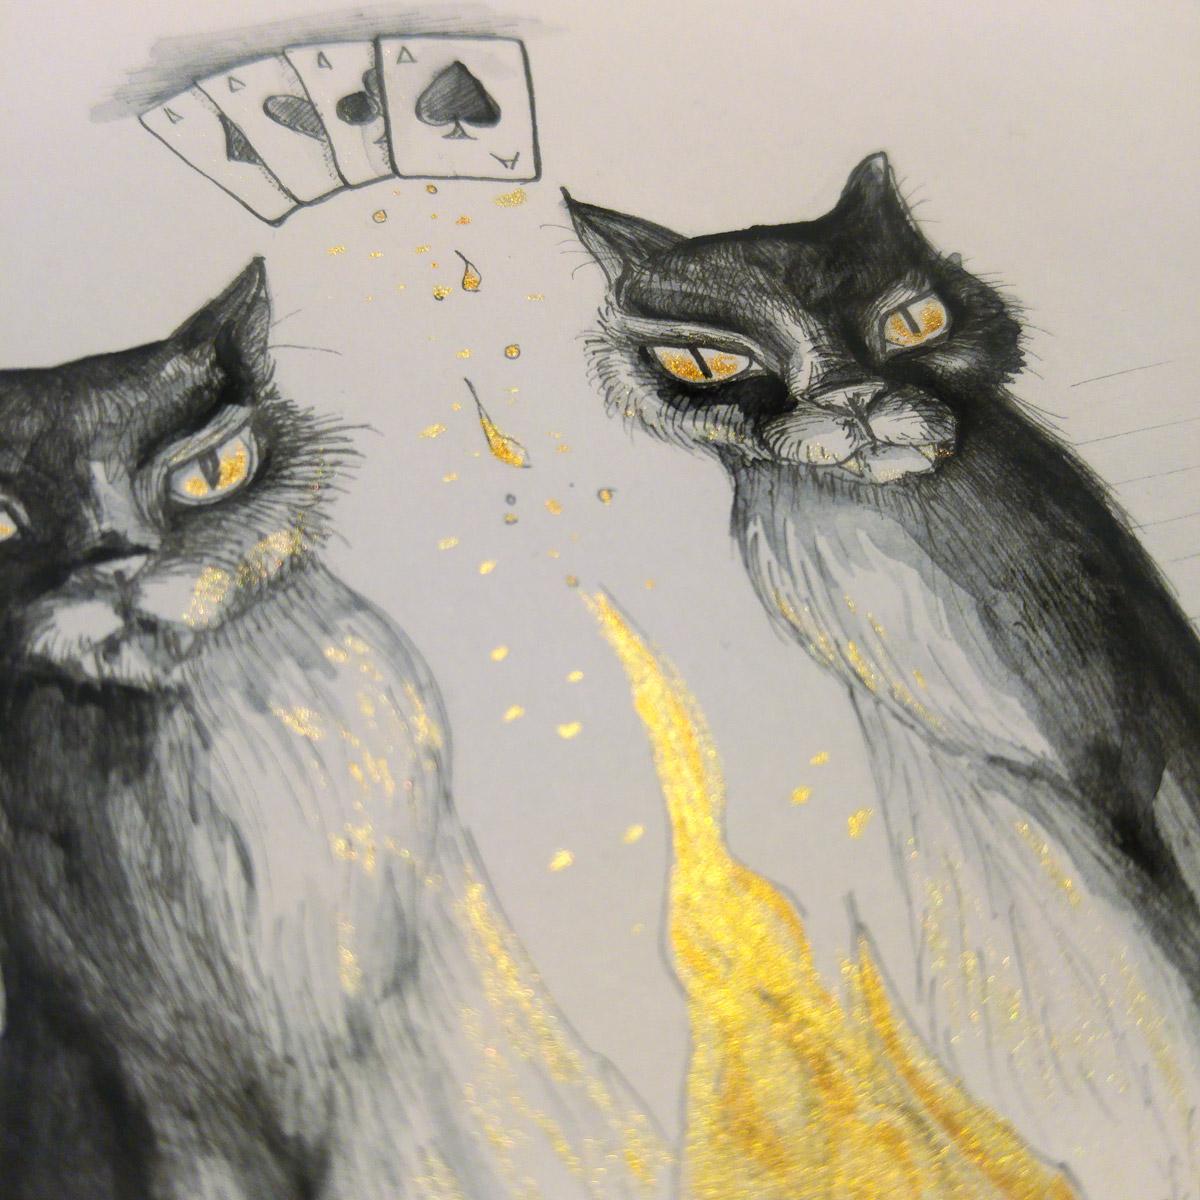 Der Feuerschein auf dem Fell und in den Augen der unheimlich großen schwarzen Katzen.